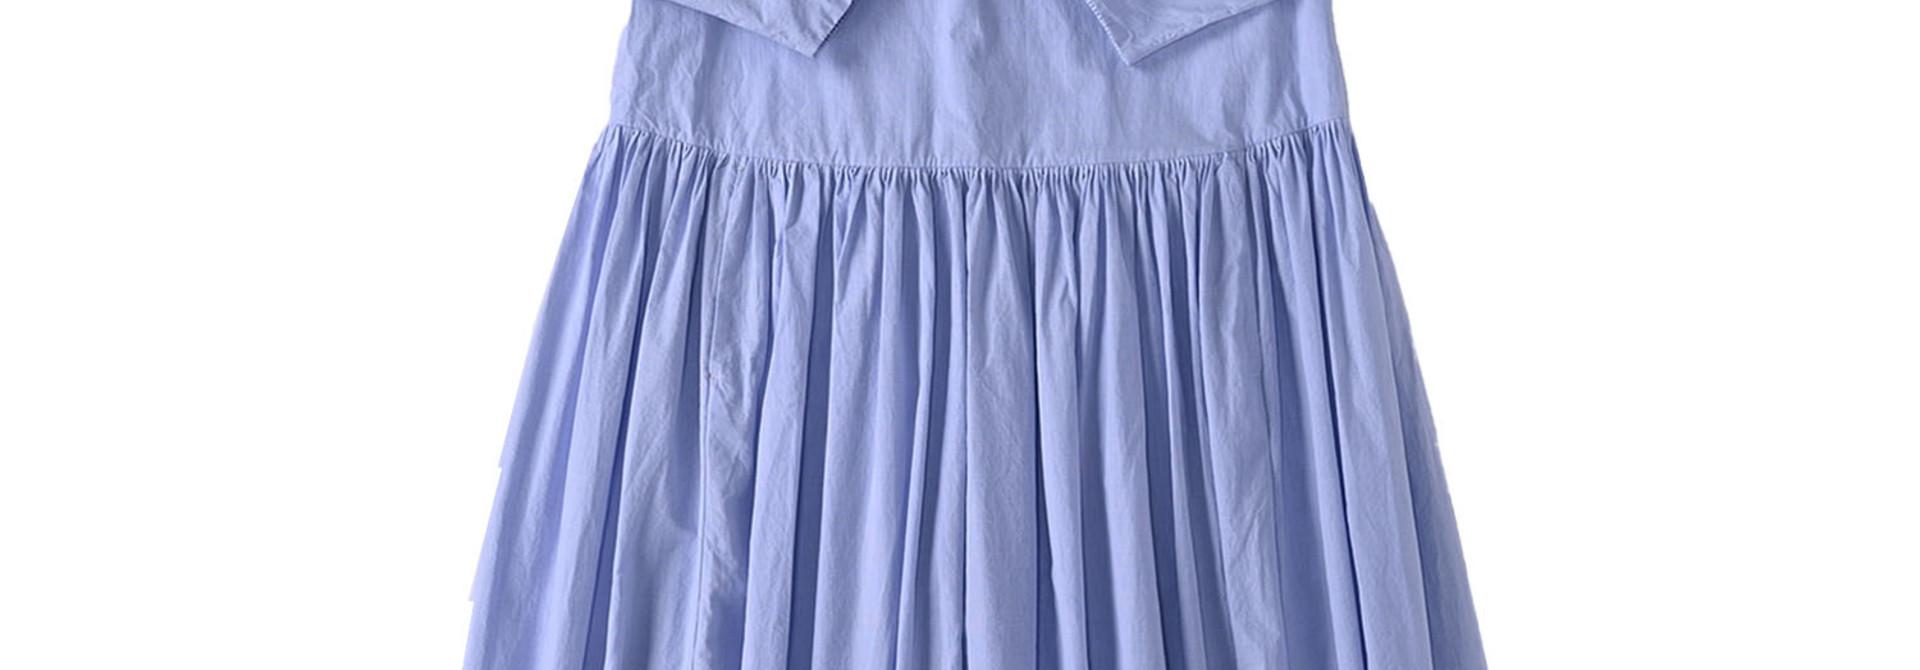 Damp Yarn Dyed Musou Dress Blue (0421)